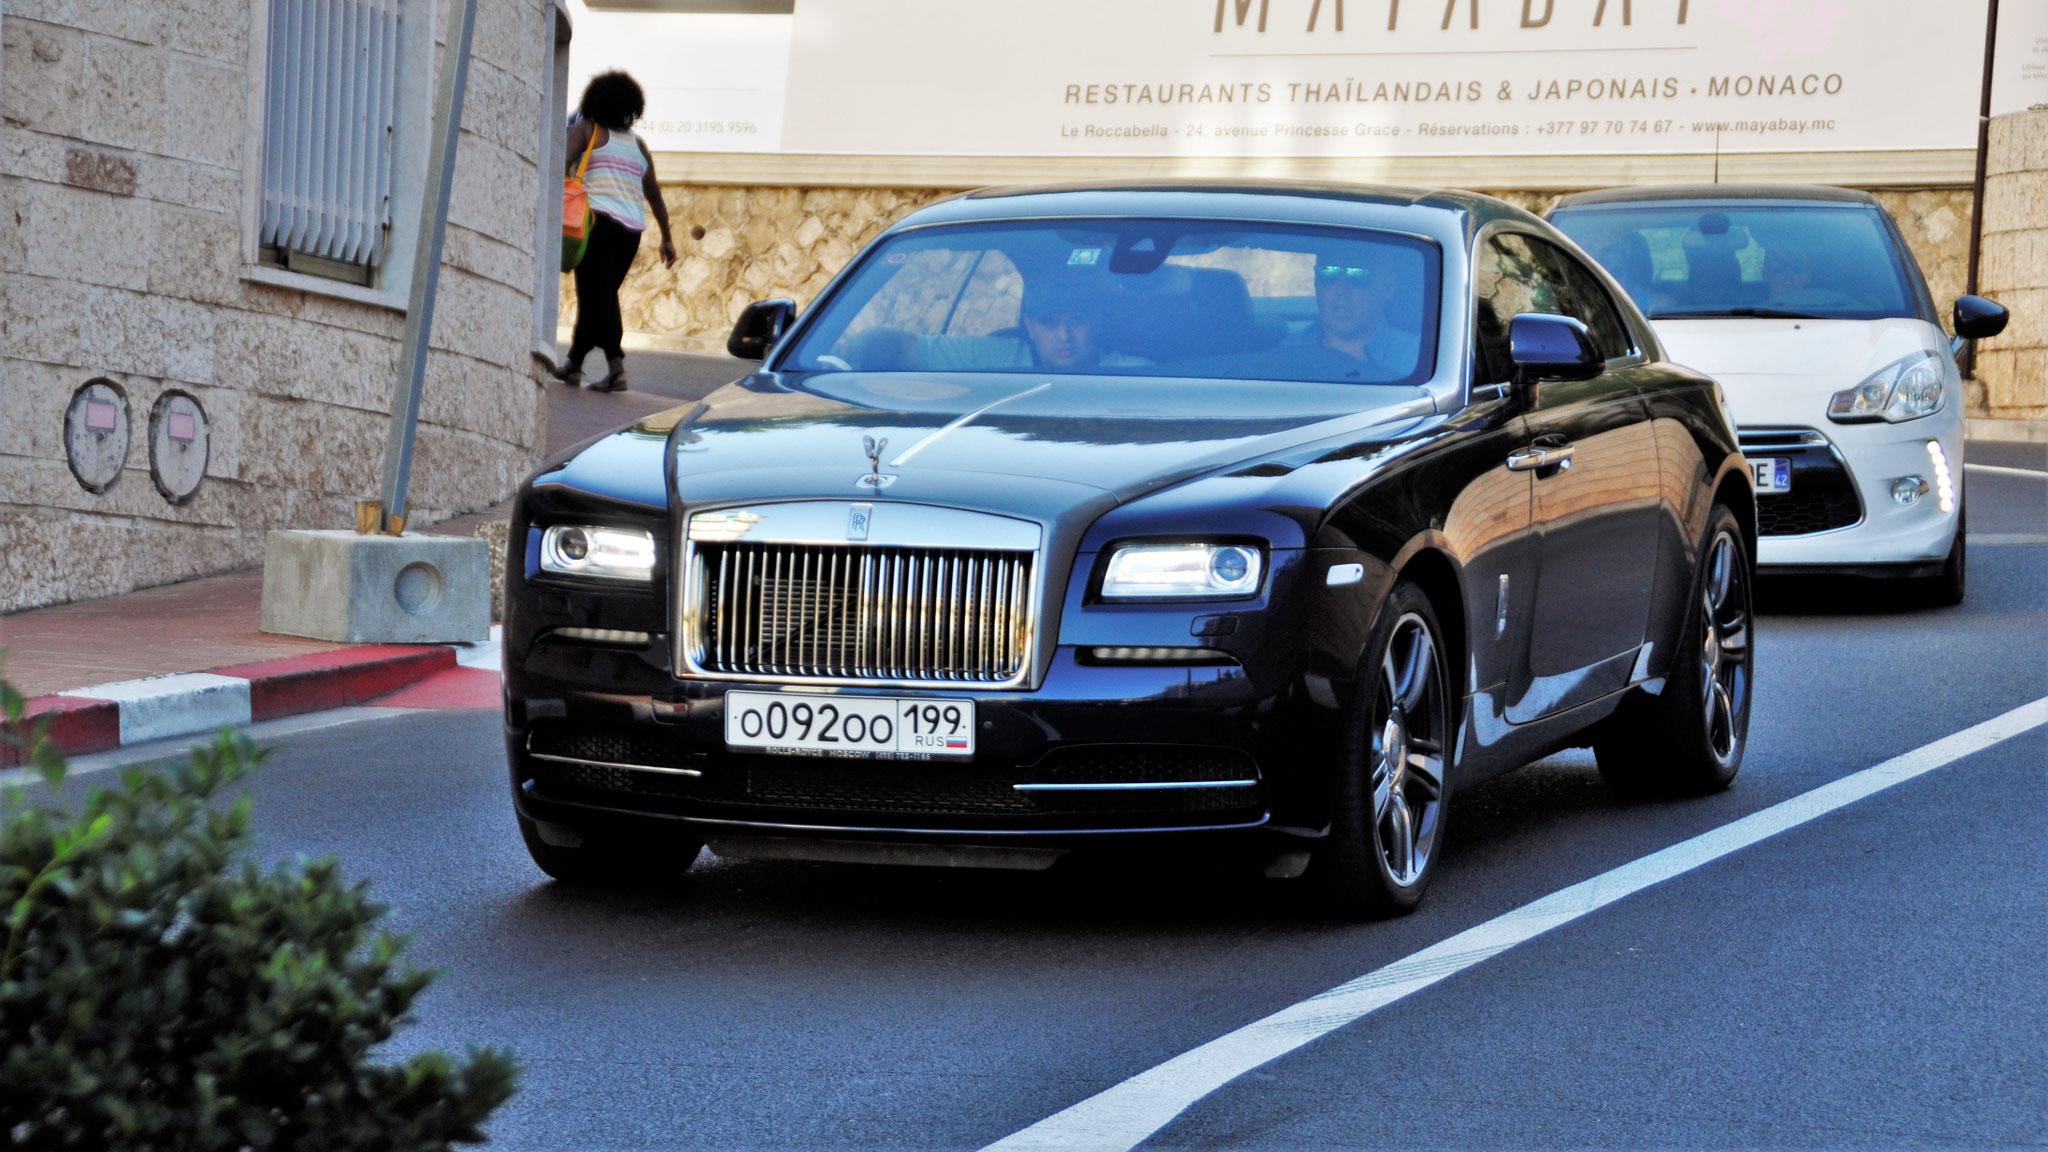 Rolls Royce Wraith - O-092-OO-199 (RUS)